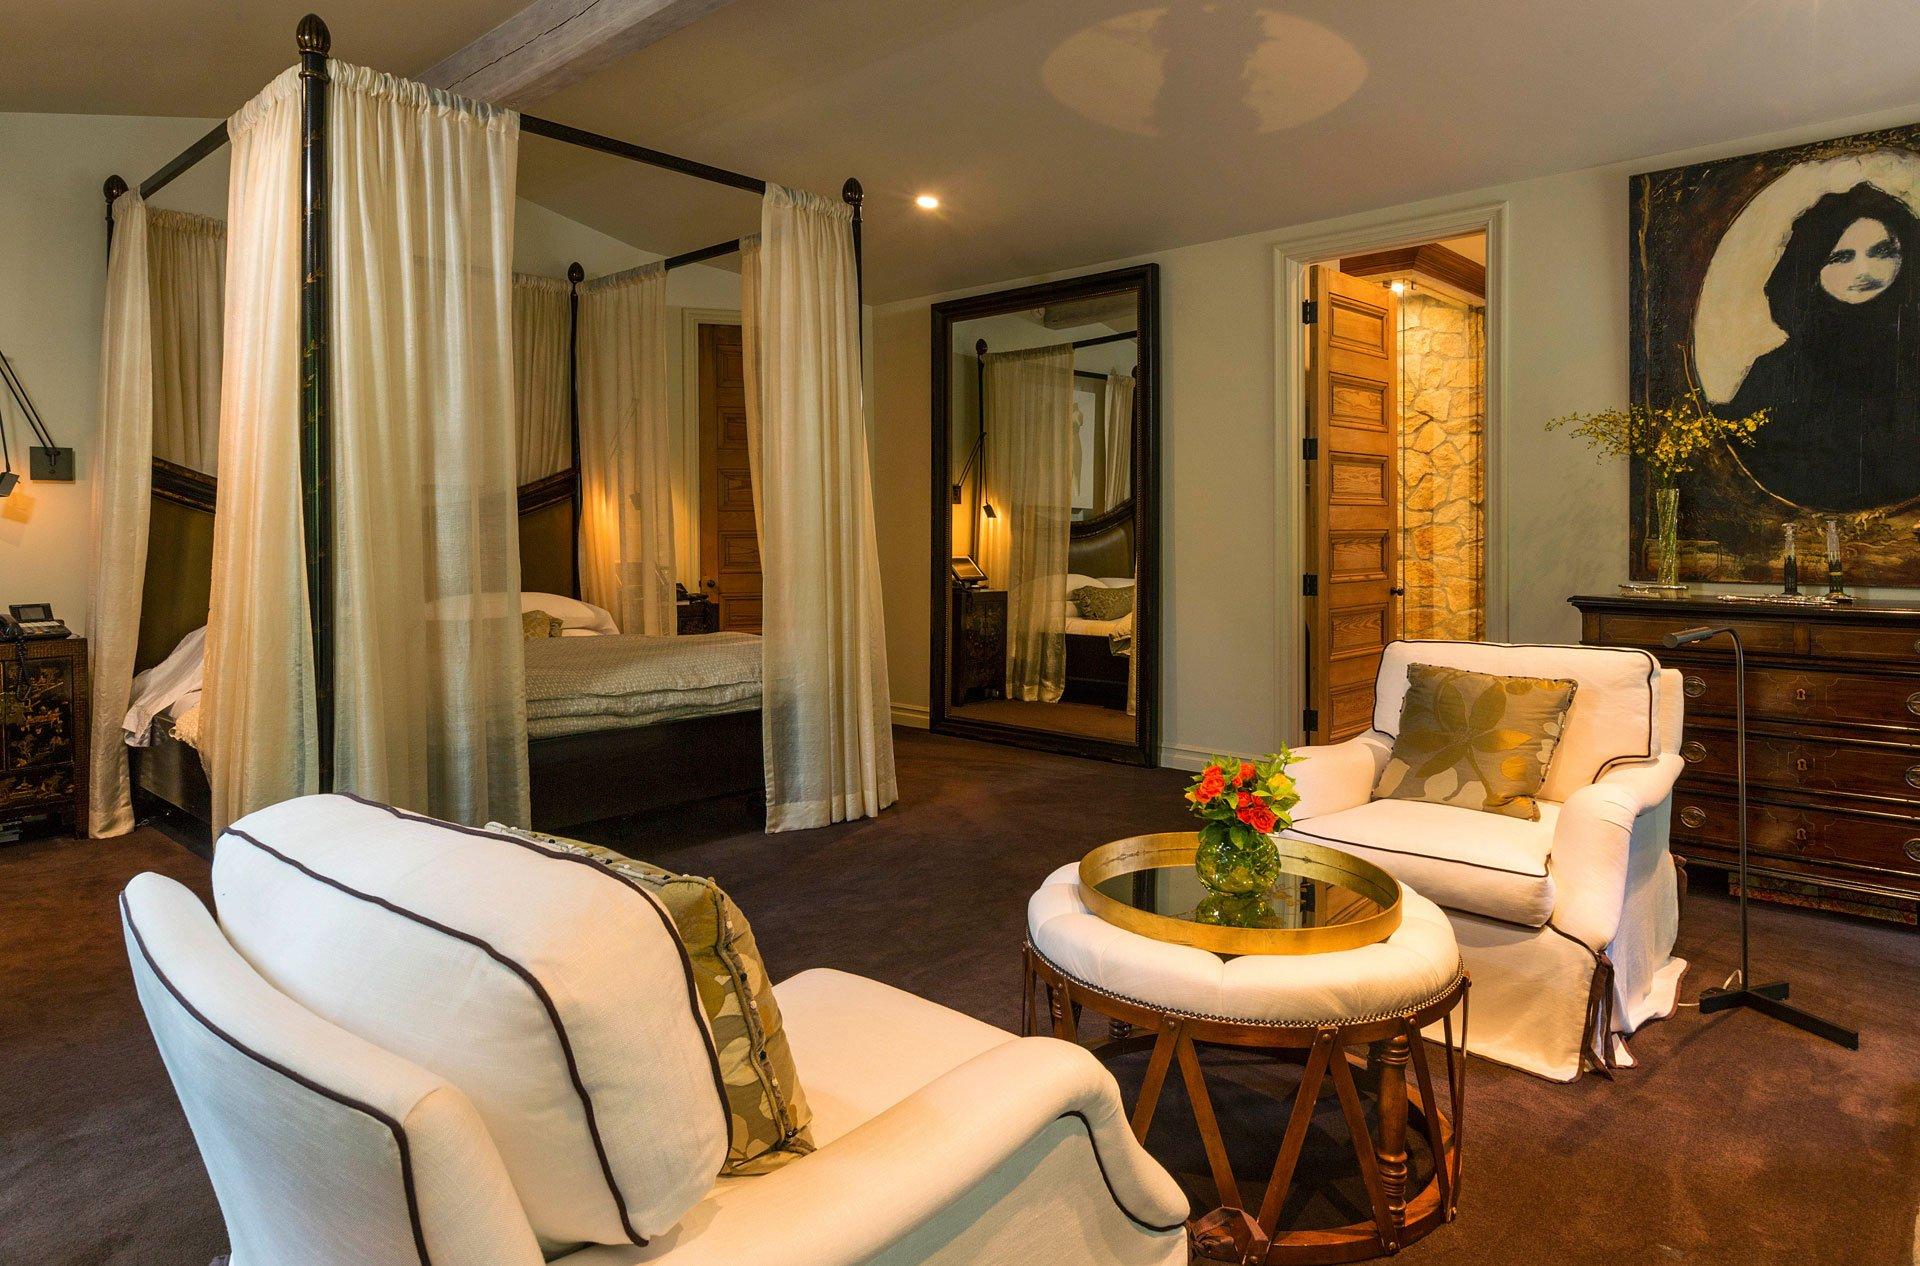 Una de las amplias habitaciones entre las que hay en la casa de la exclusiva zona de Bel Air